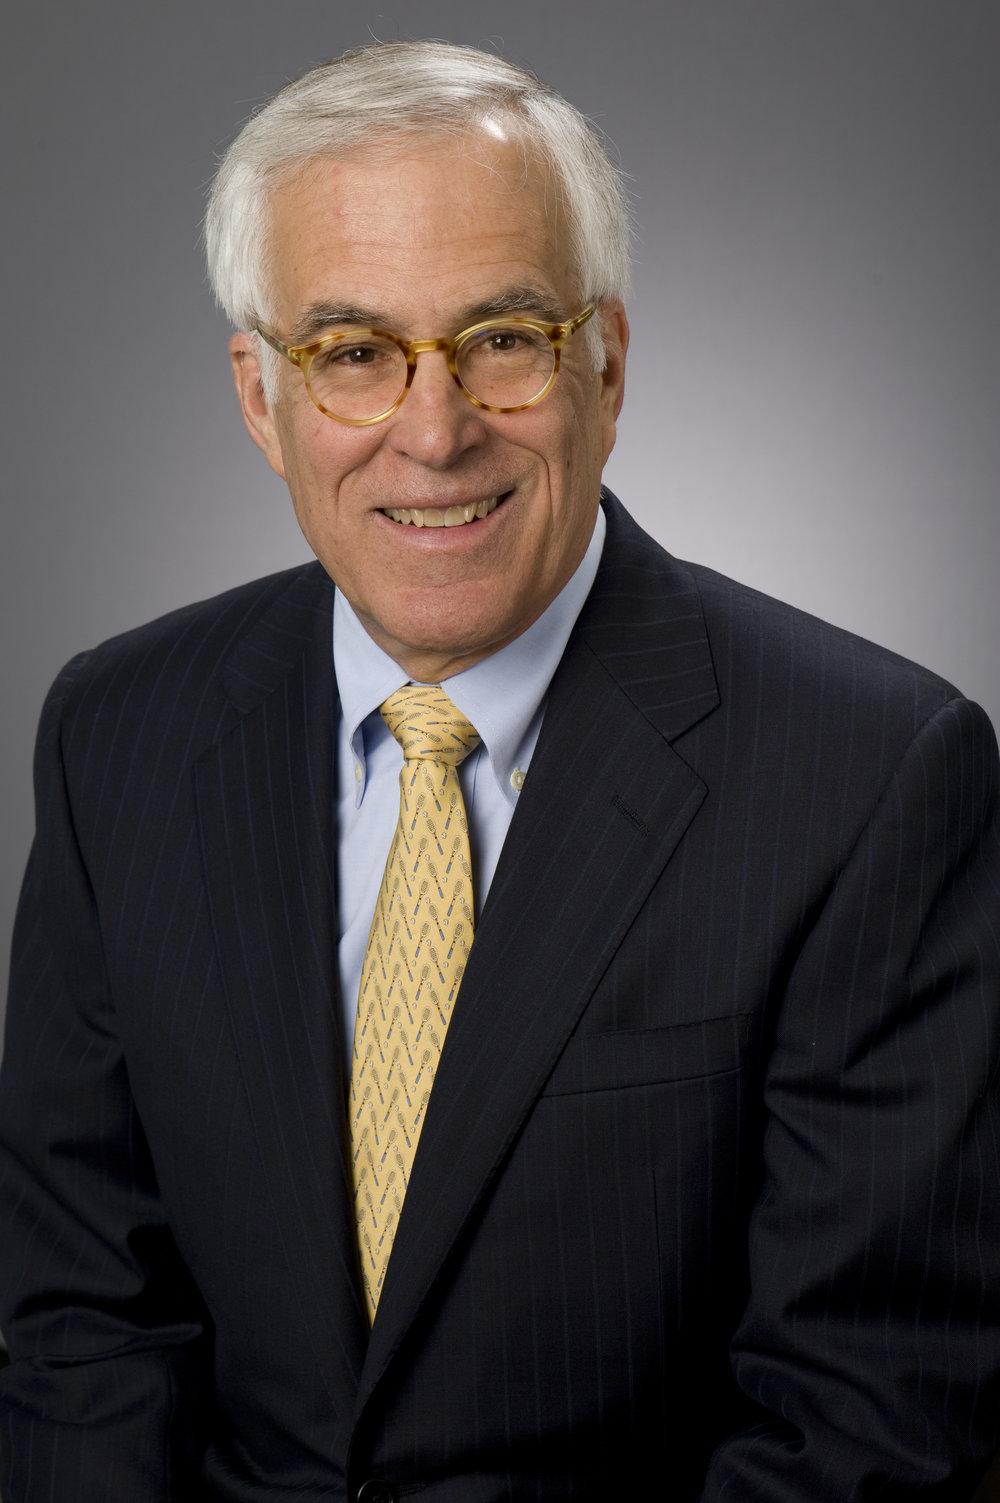 Dr. Jonathan I. Arnold